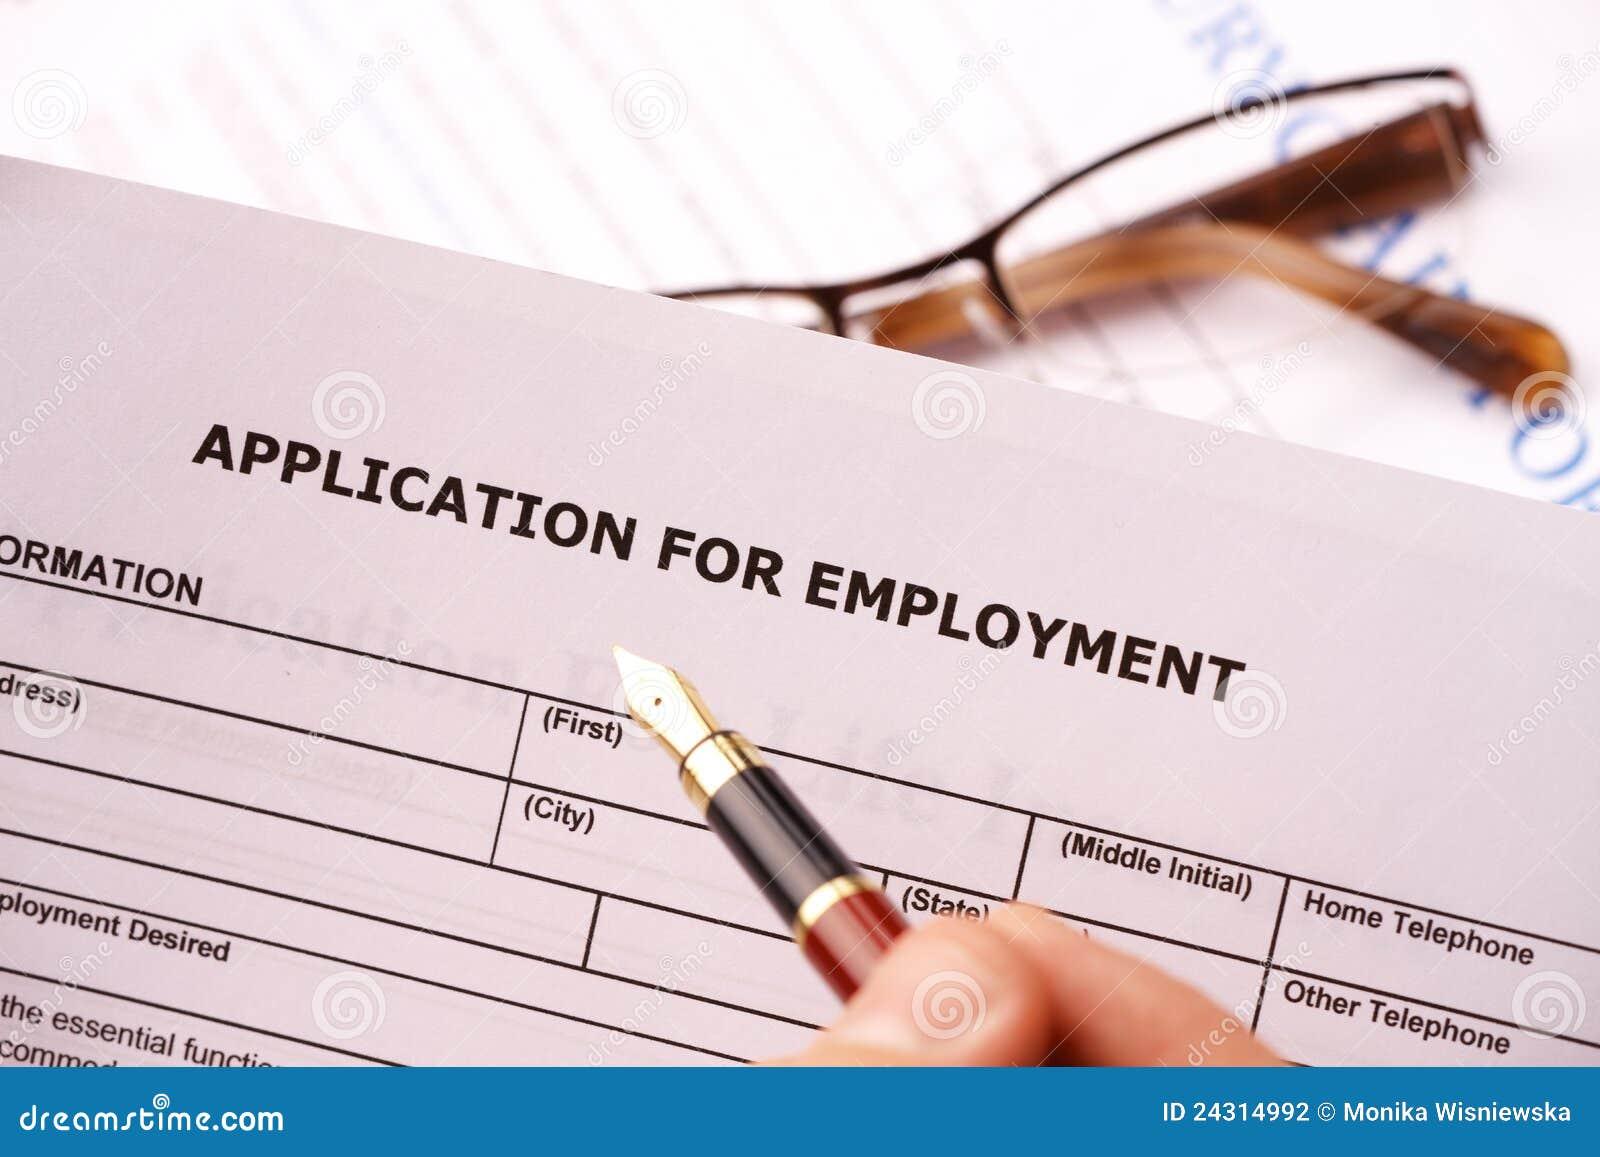 bridging visa b application time